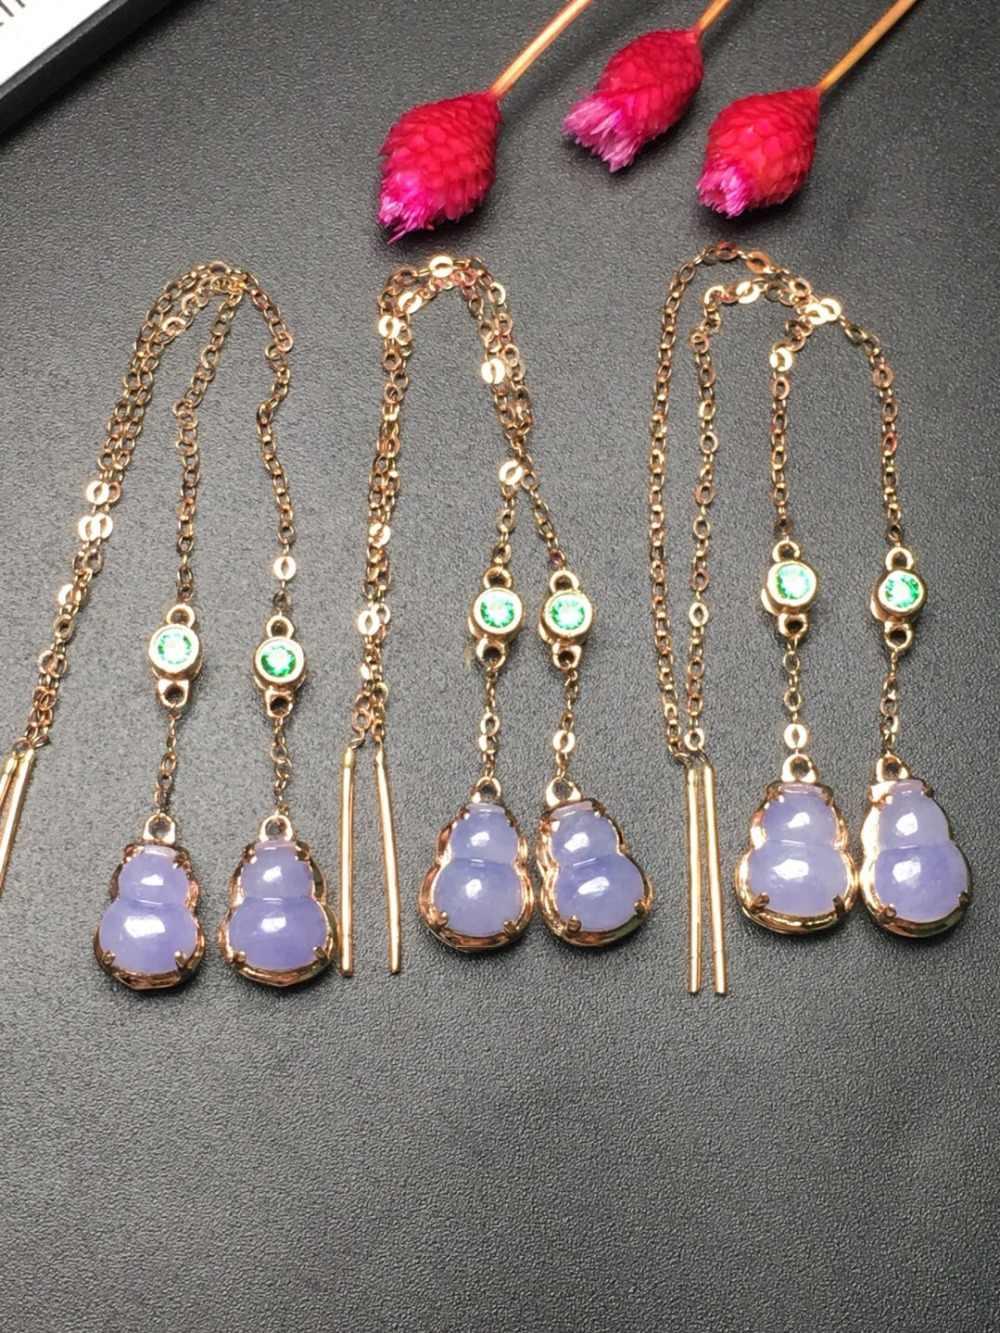 Fine Jewelry kolekcja prawdziwe 18 K żółte złoto AU750 100% naturalny fioletowy Jadi Jade kamień Myanmer pochodzenia spadek kolczyki dla kobiety